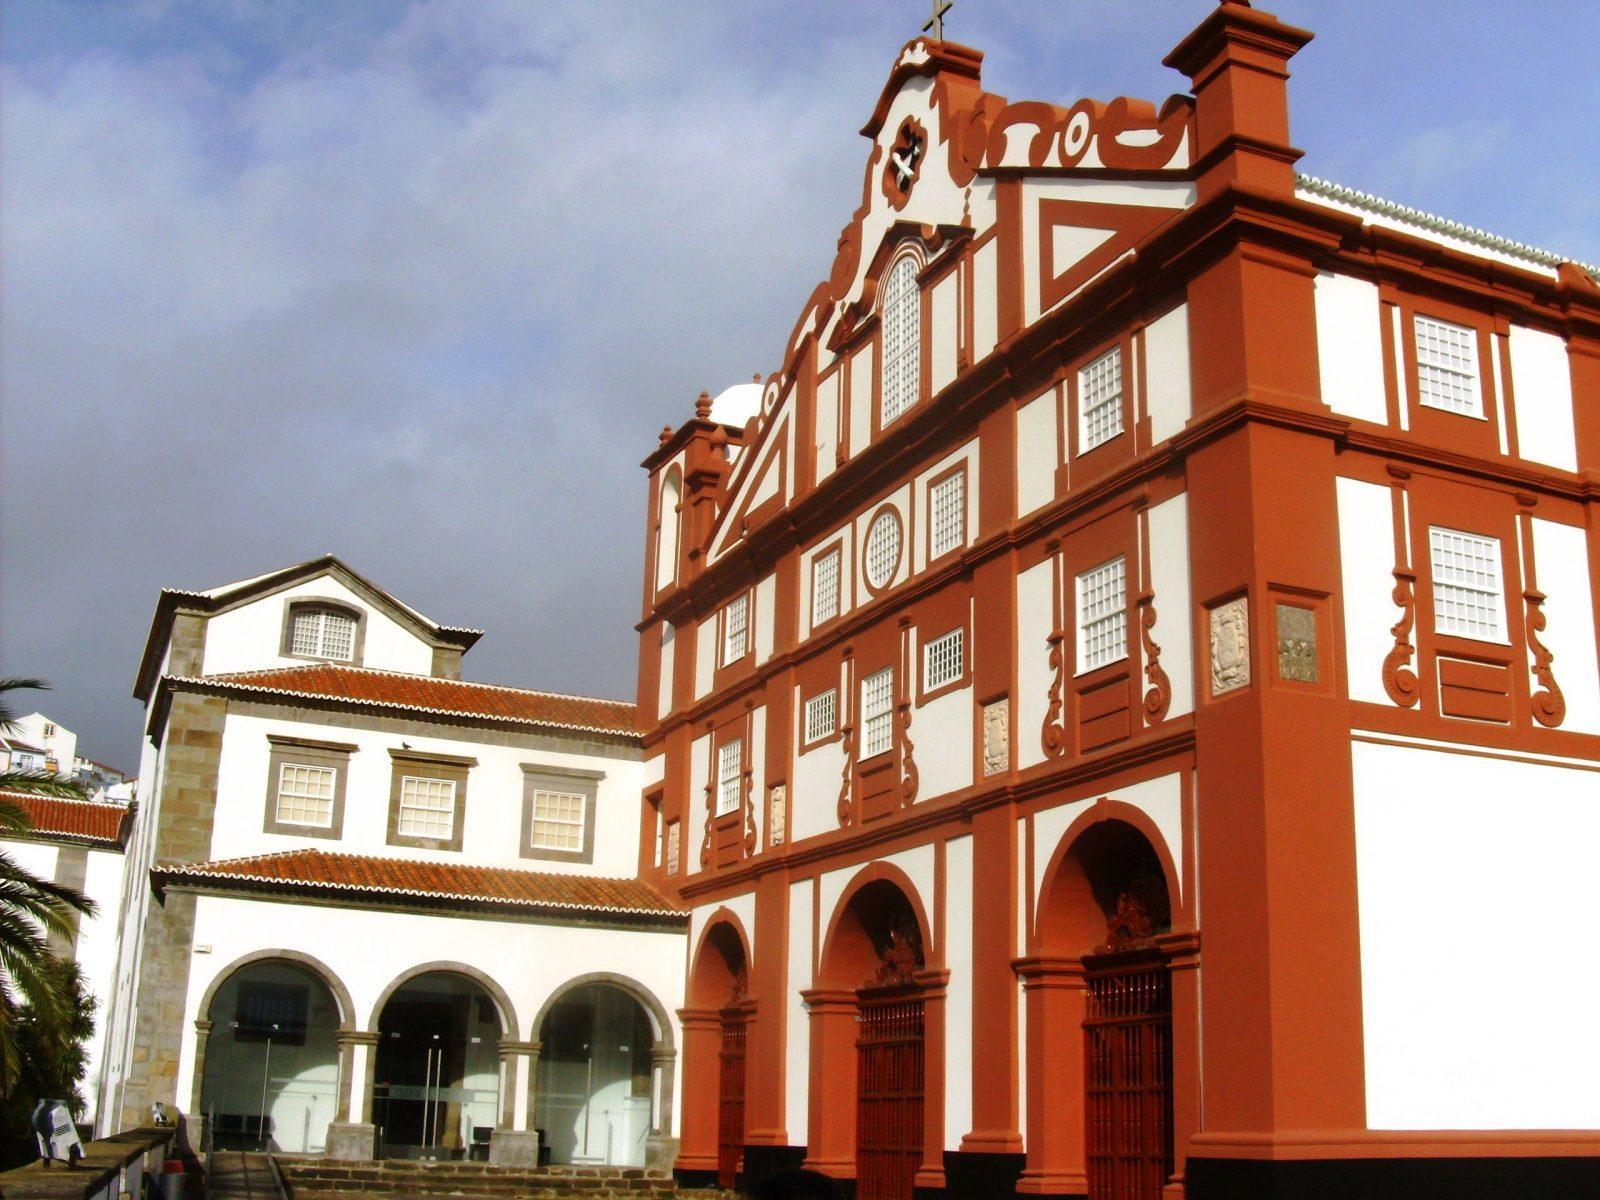 Convento de São Francisco - Terceira, Açores